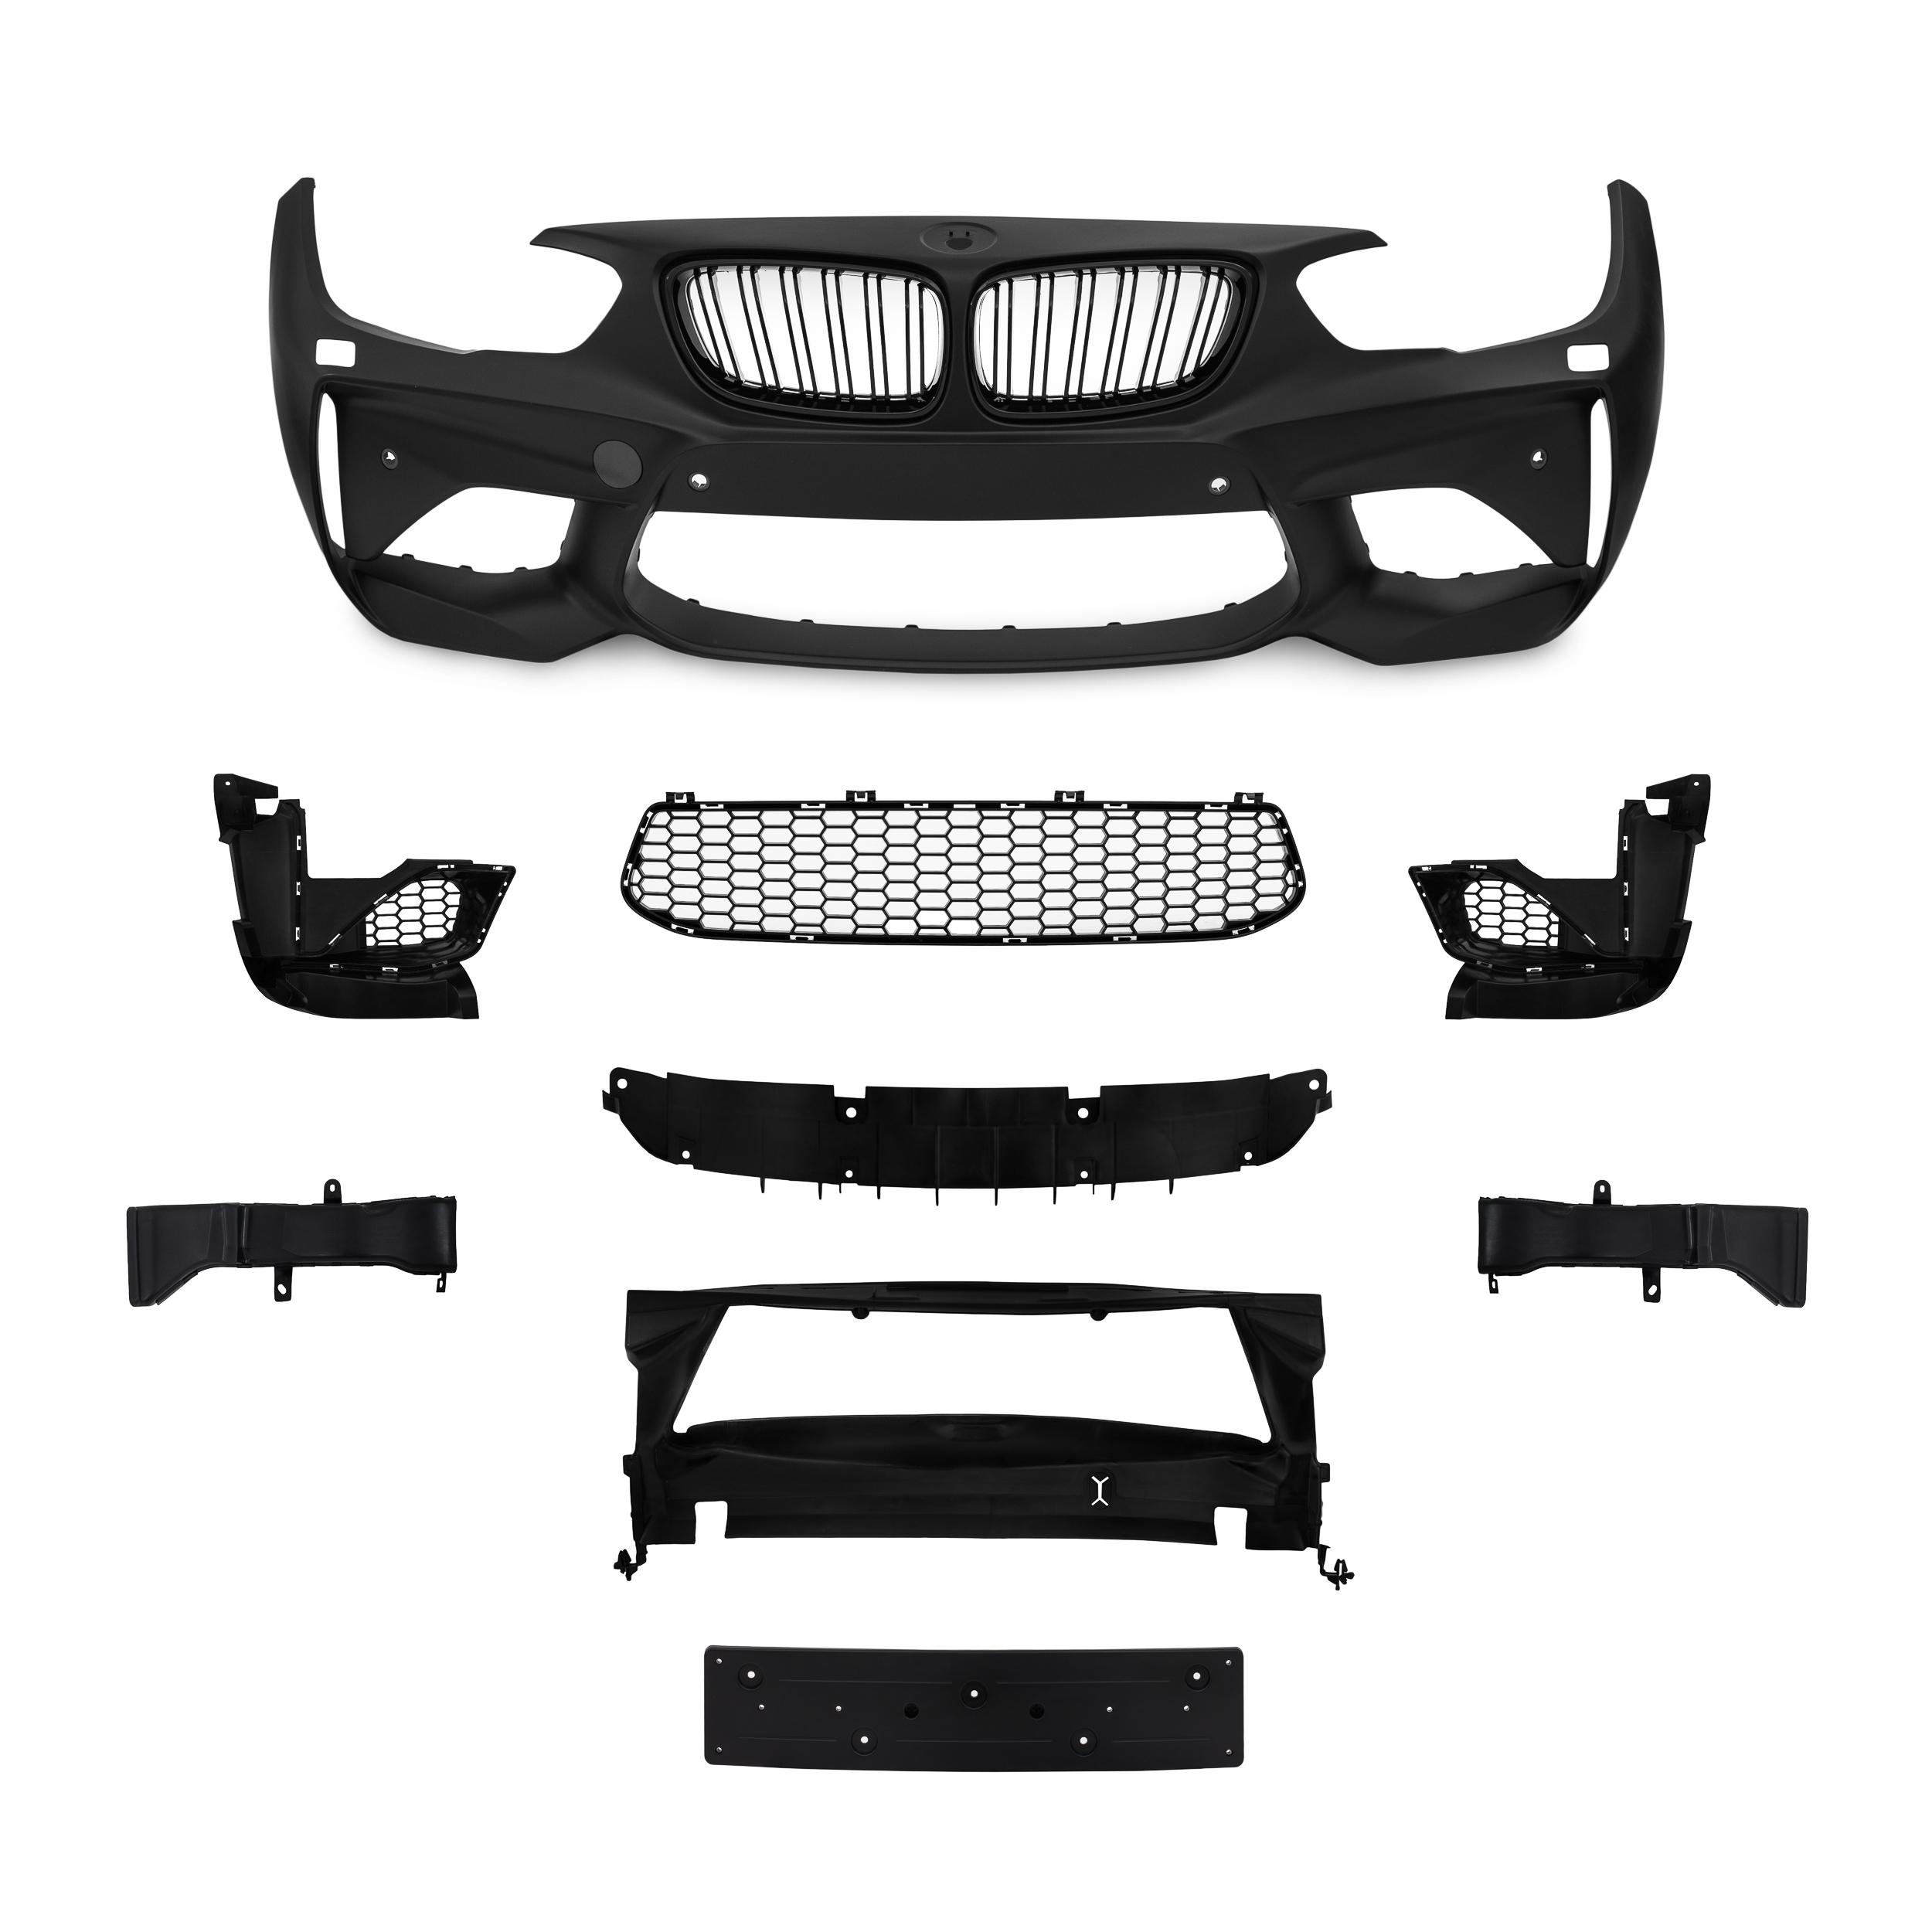 JOM Forkofanger Sports design med grill til BMW 1 serie F20 LCi / F21 LCi årgang 2015-2018 Styling